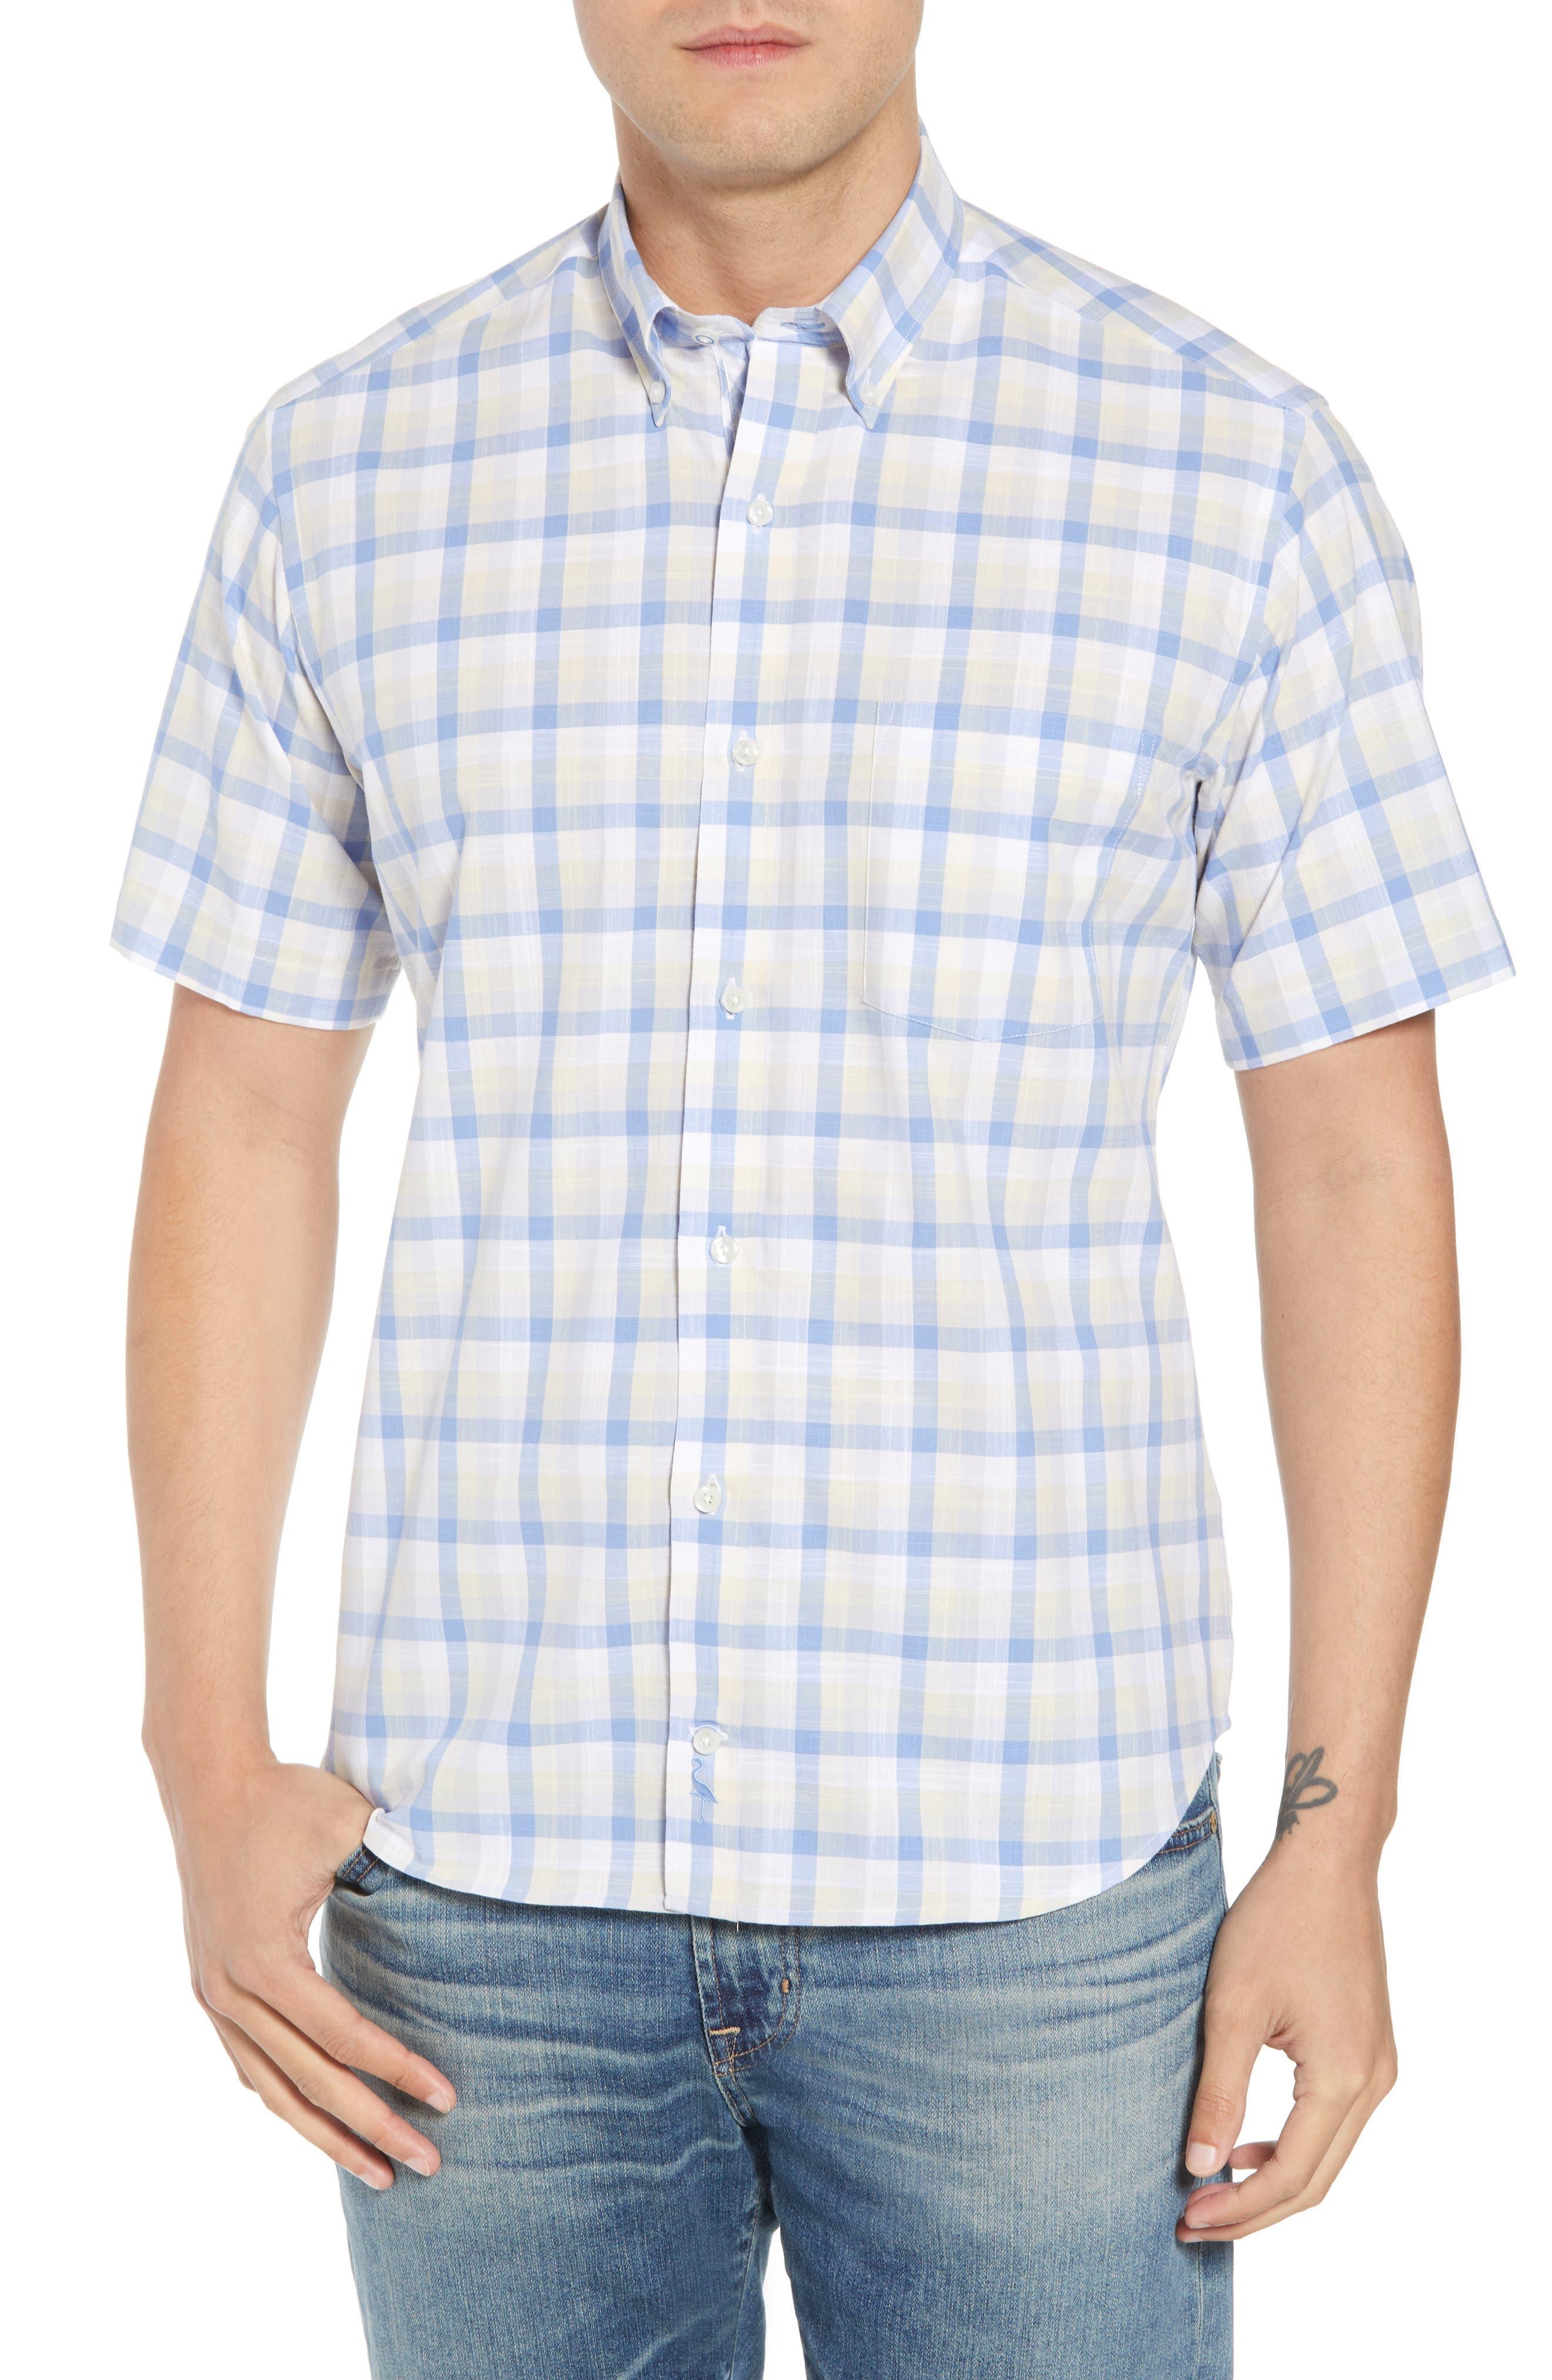 Jaziel Regular Fit Check Sport Shirt,                             Main thumbnail 1, color,                             Light Blue